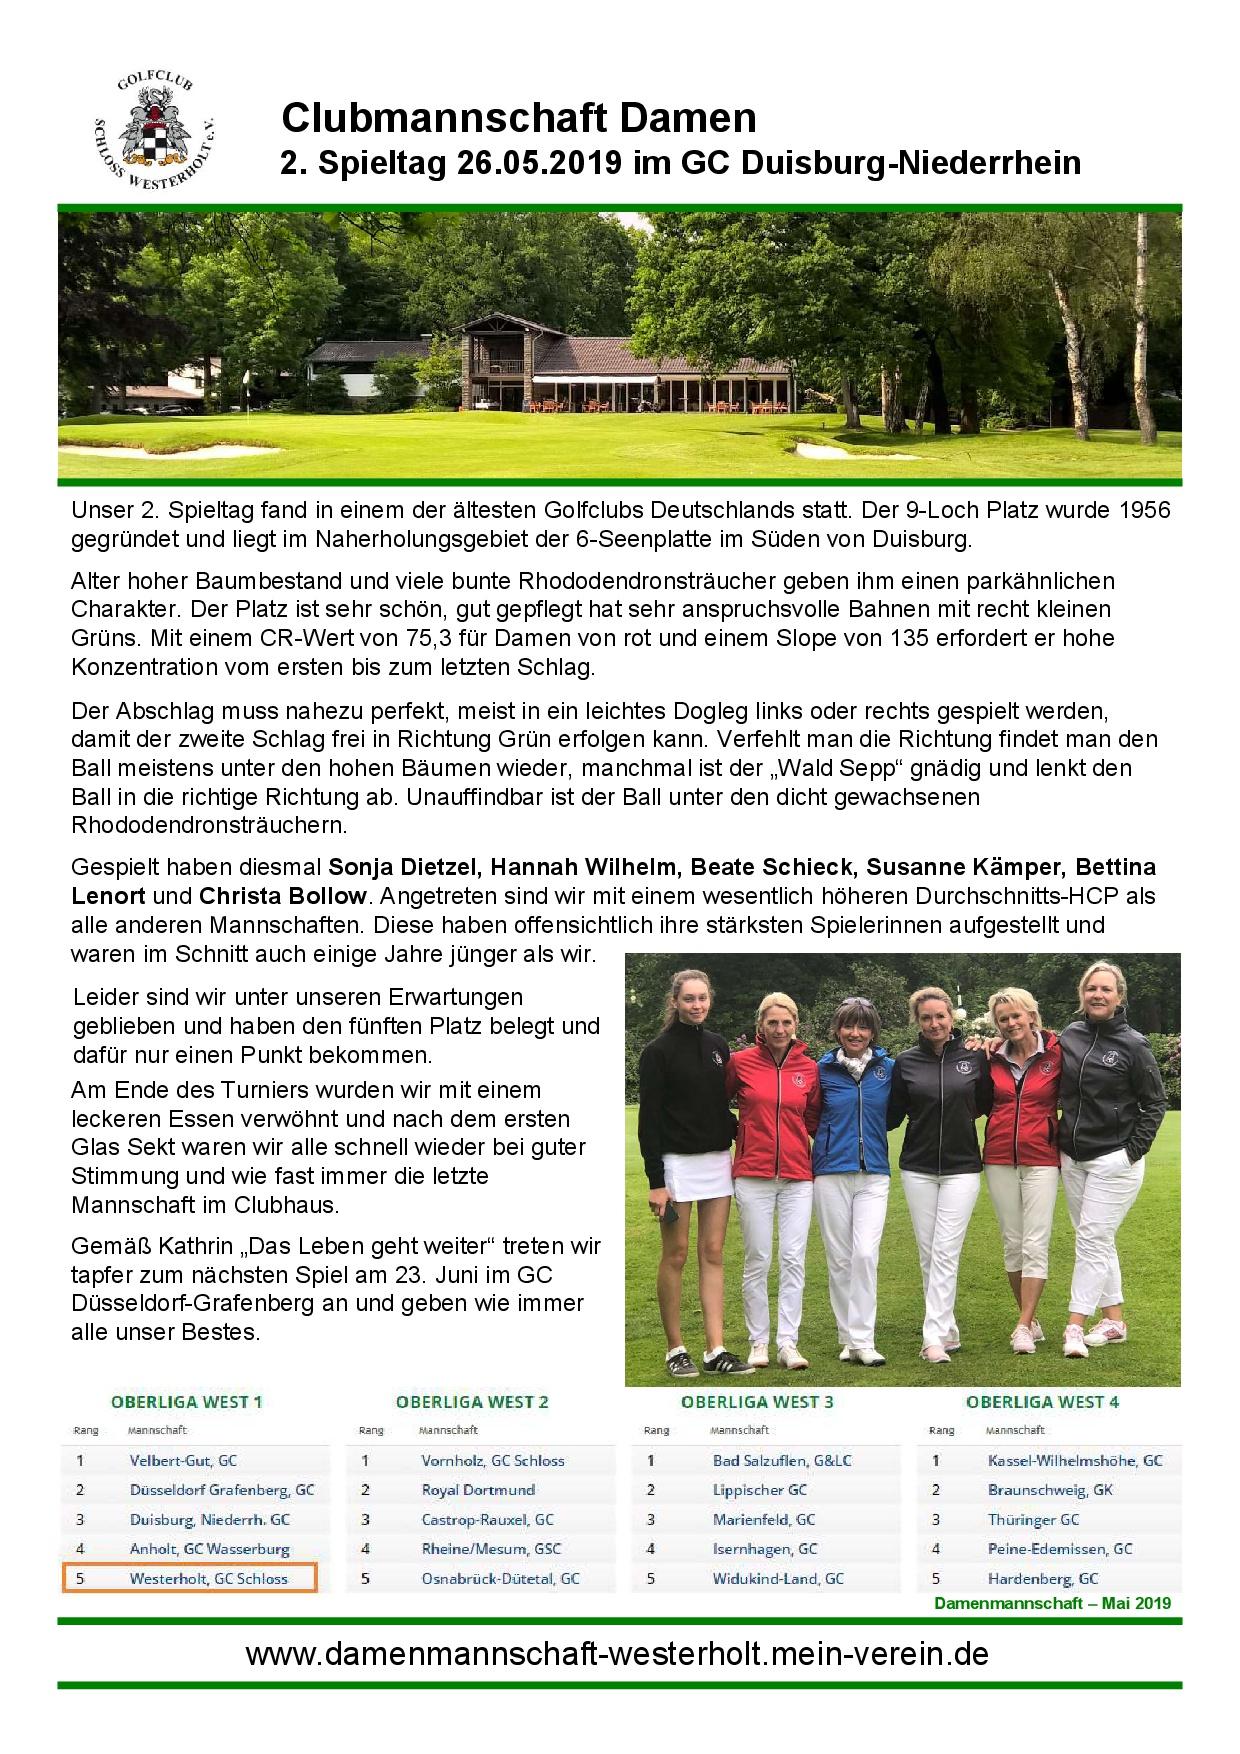 2019 DGL 05-26 DU-Niederrhein Spielbericht.jpg